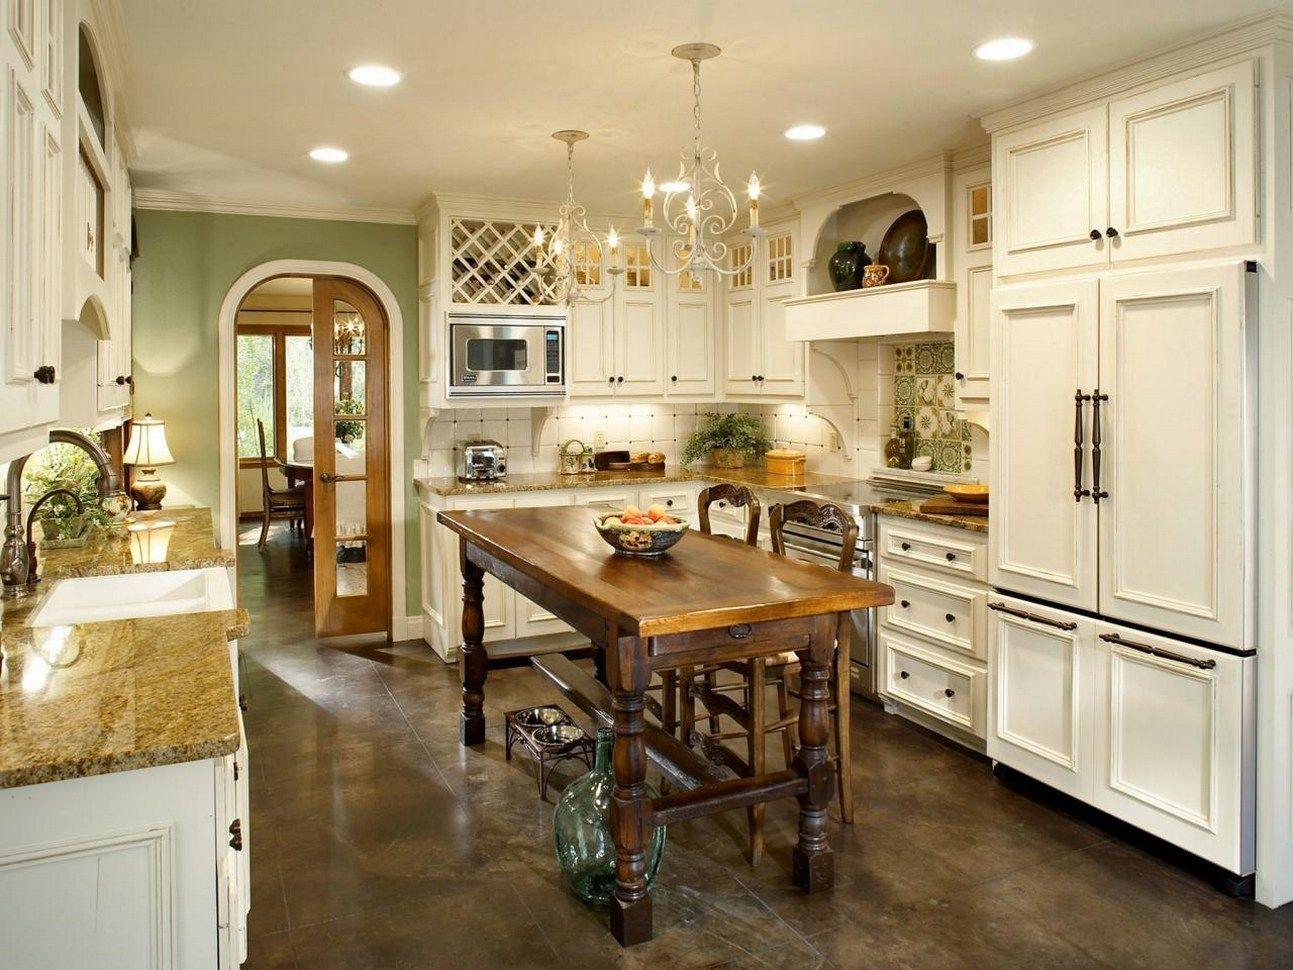 Kitchen Gallery Küchen renovieren ideen, Küche